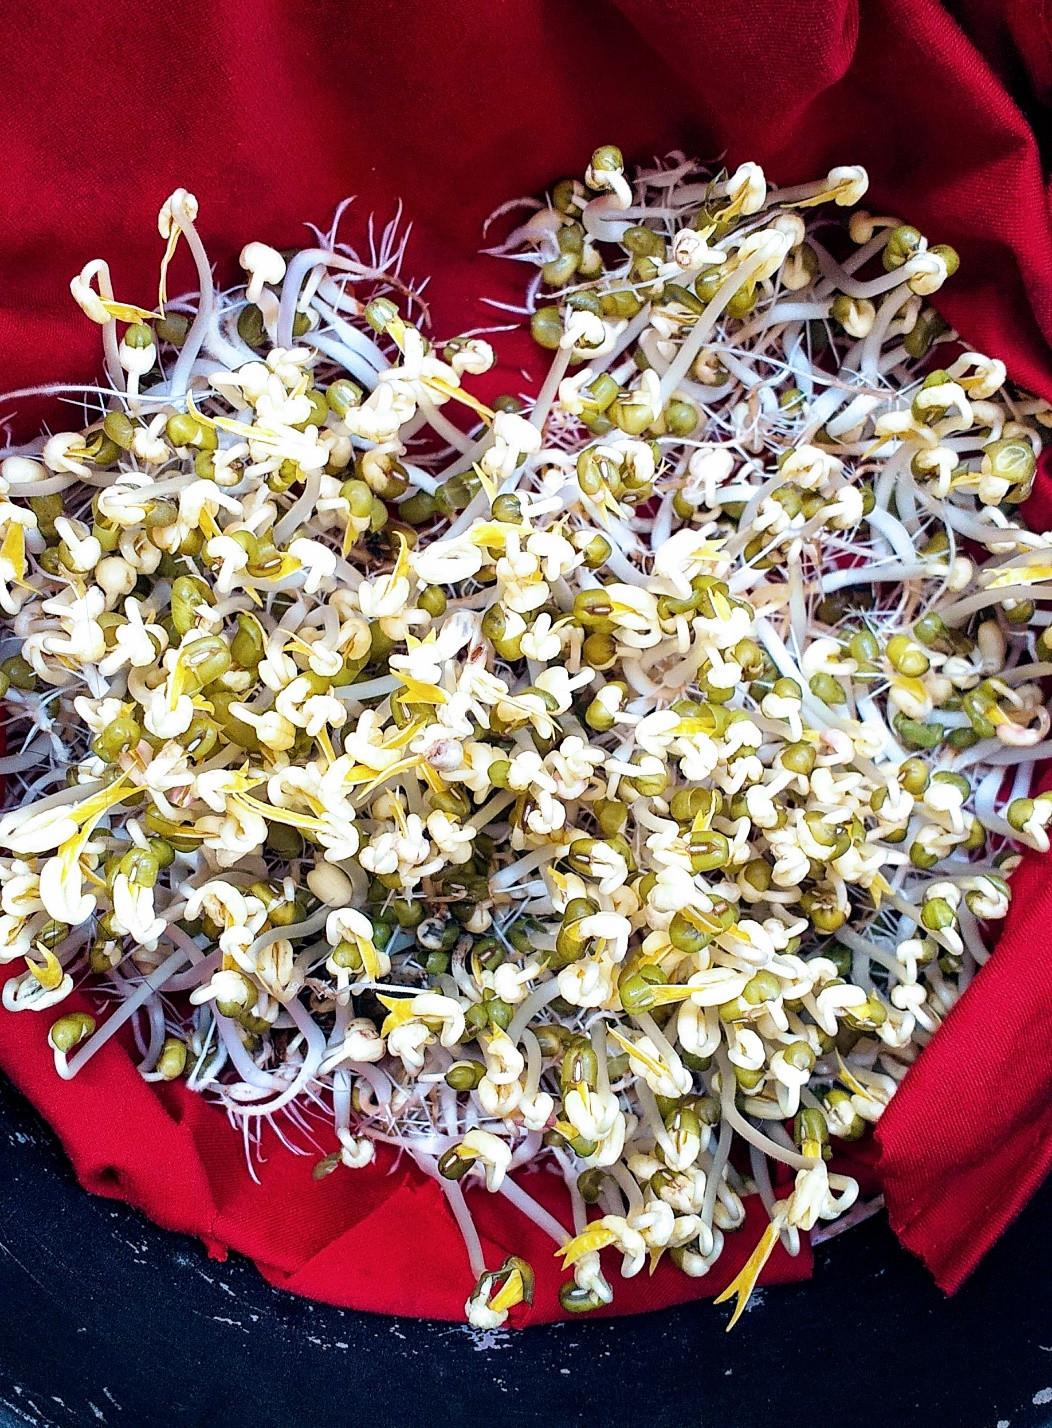 Sài Gòn trồng cây, hẹn gặp nhau khi hoa nở - 4